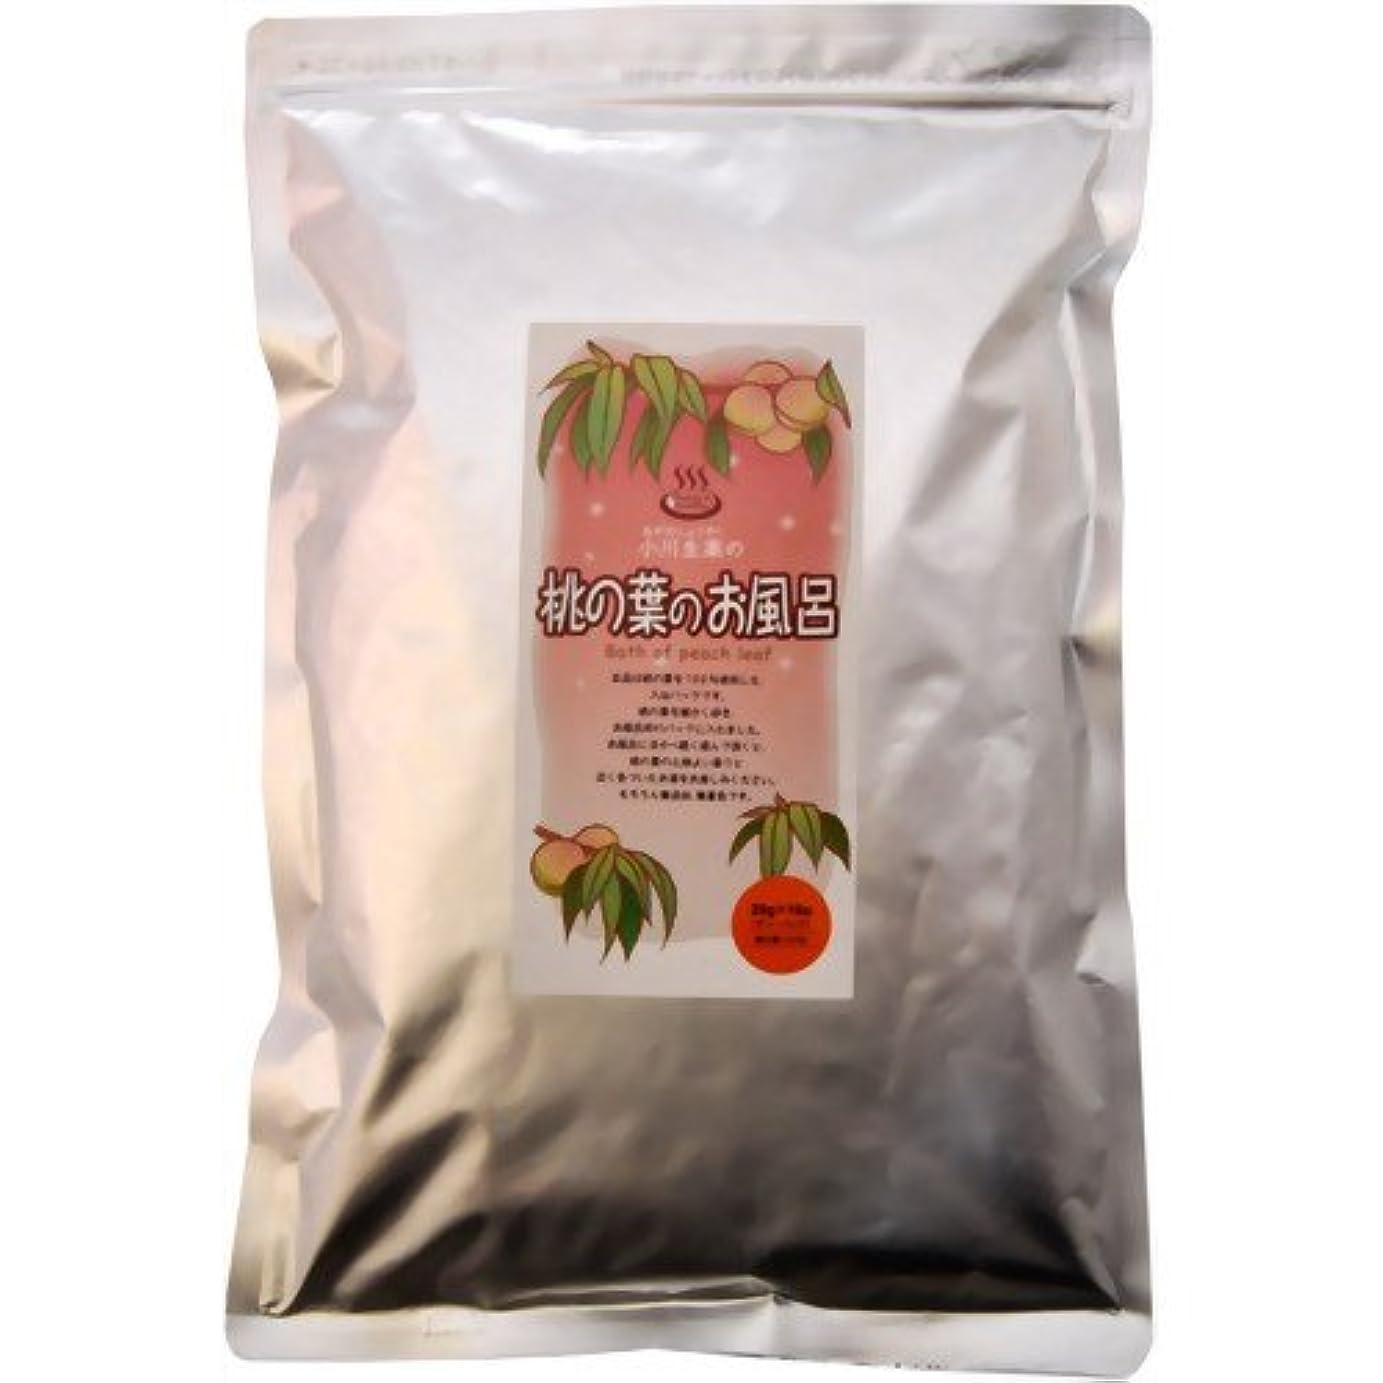 居心地の良い感心するスノーケル小川生薬の桃の葉のお風呂 20g*10袋